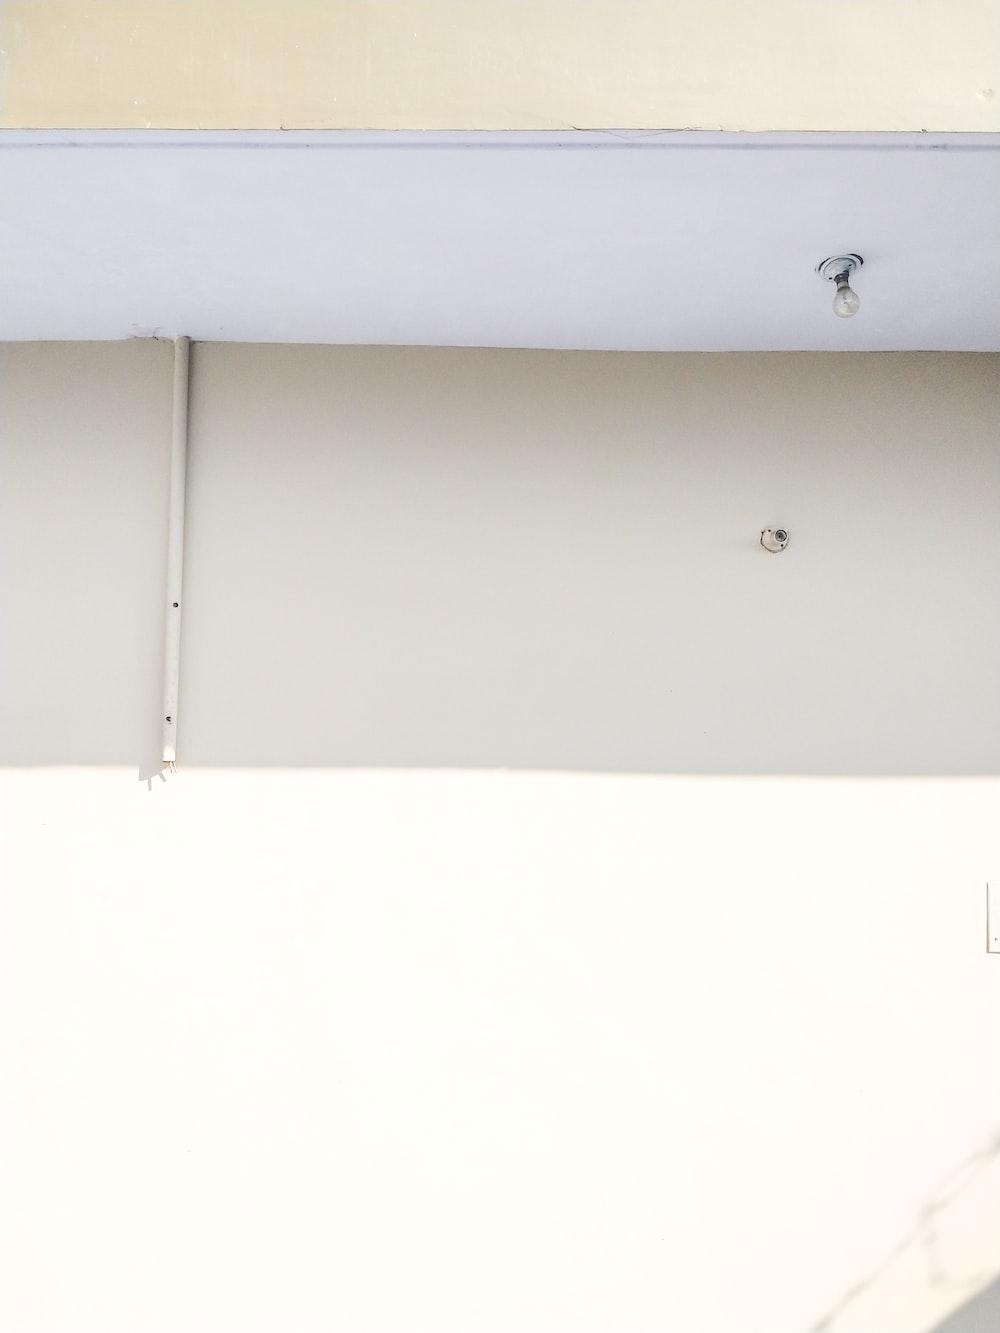 single light bulb on white ceiling